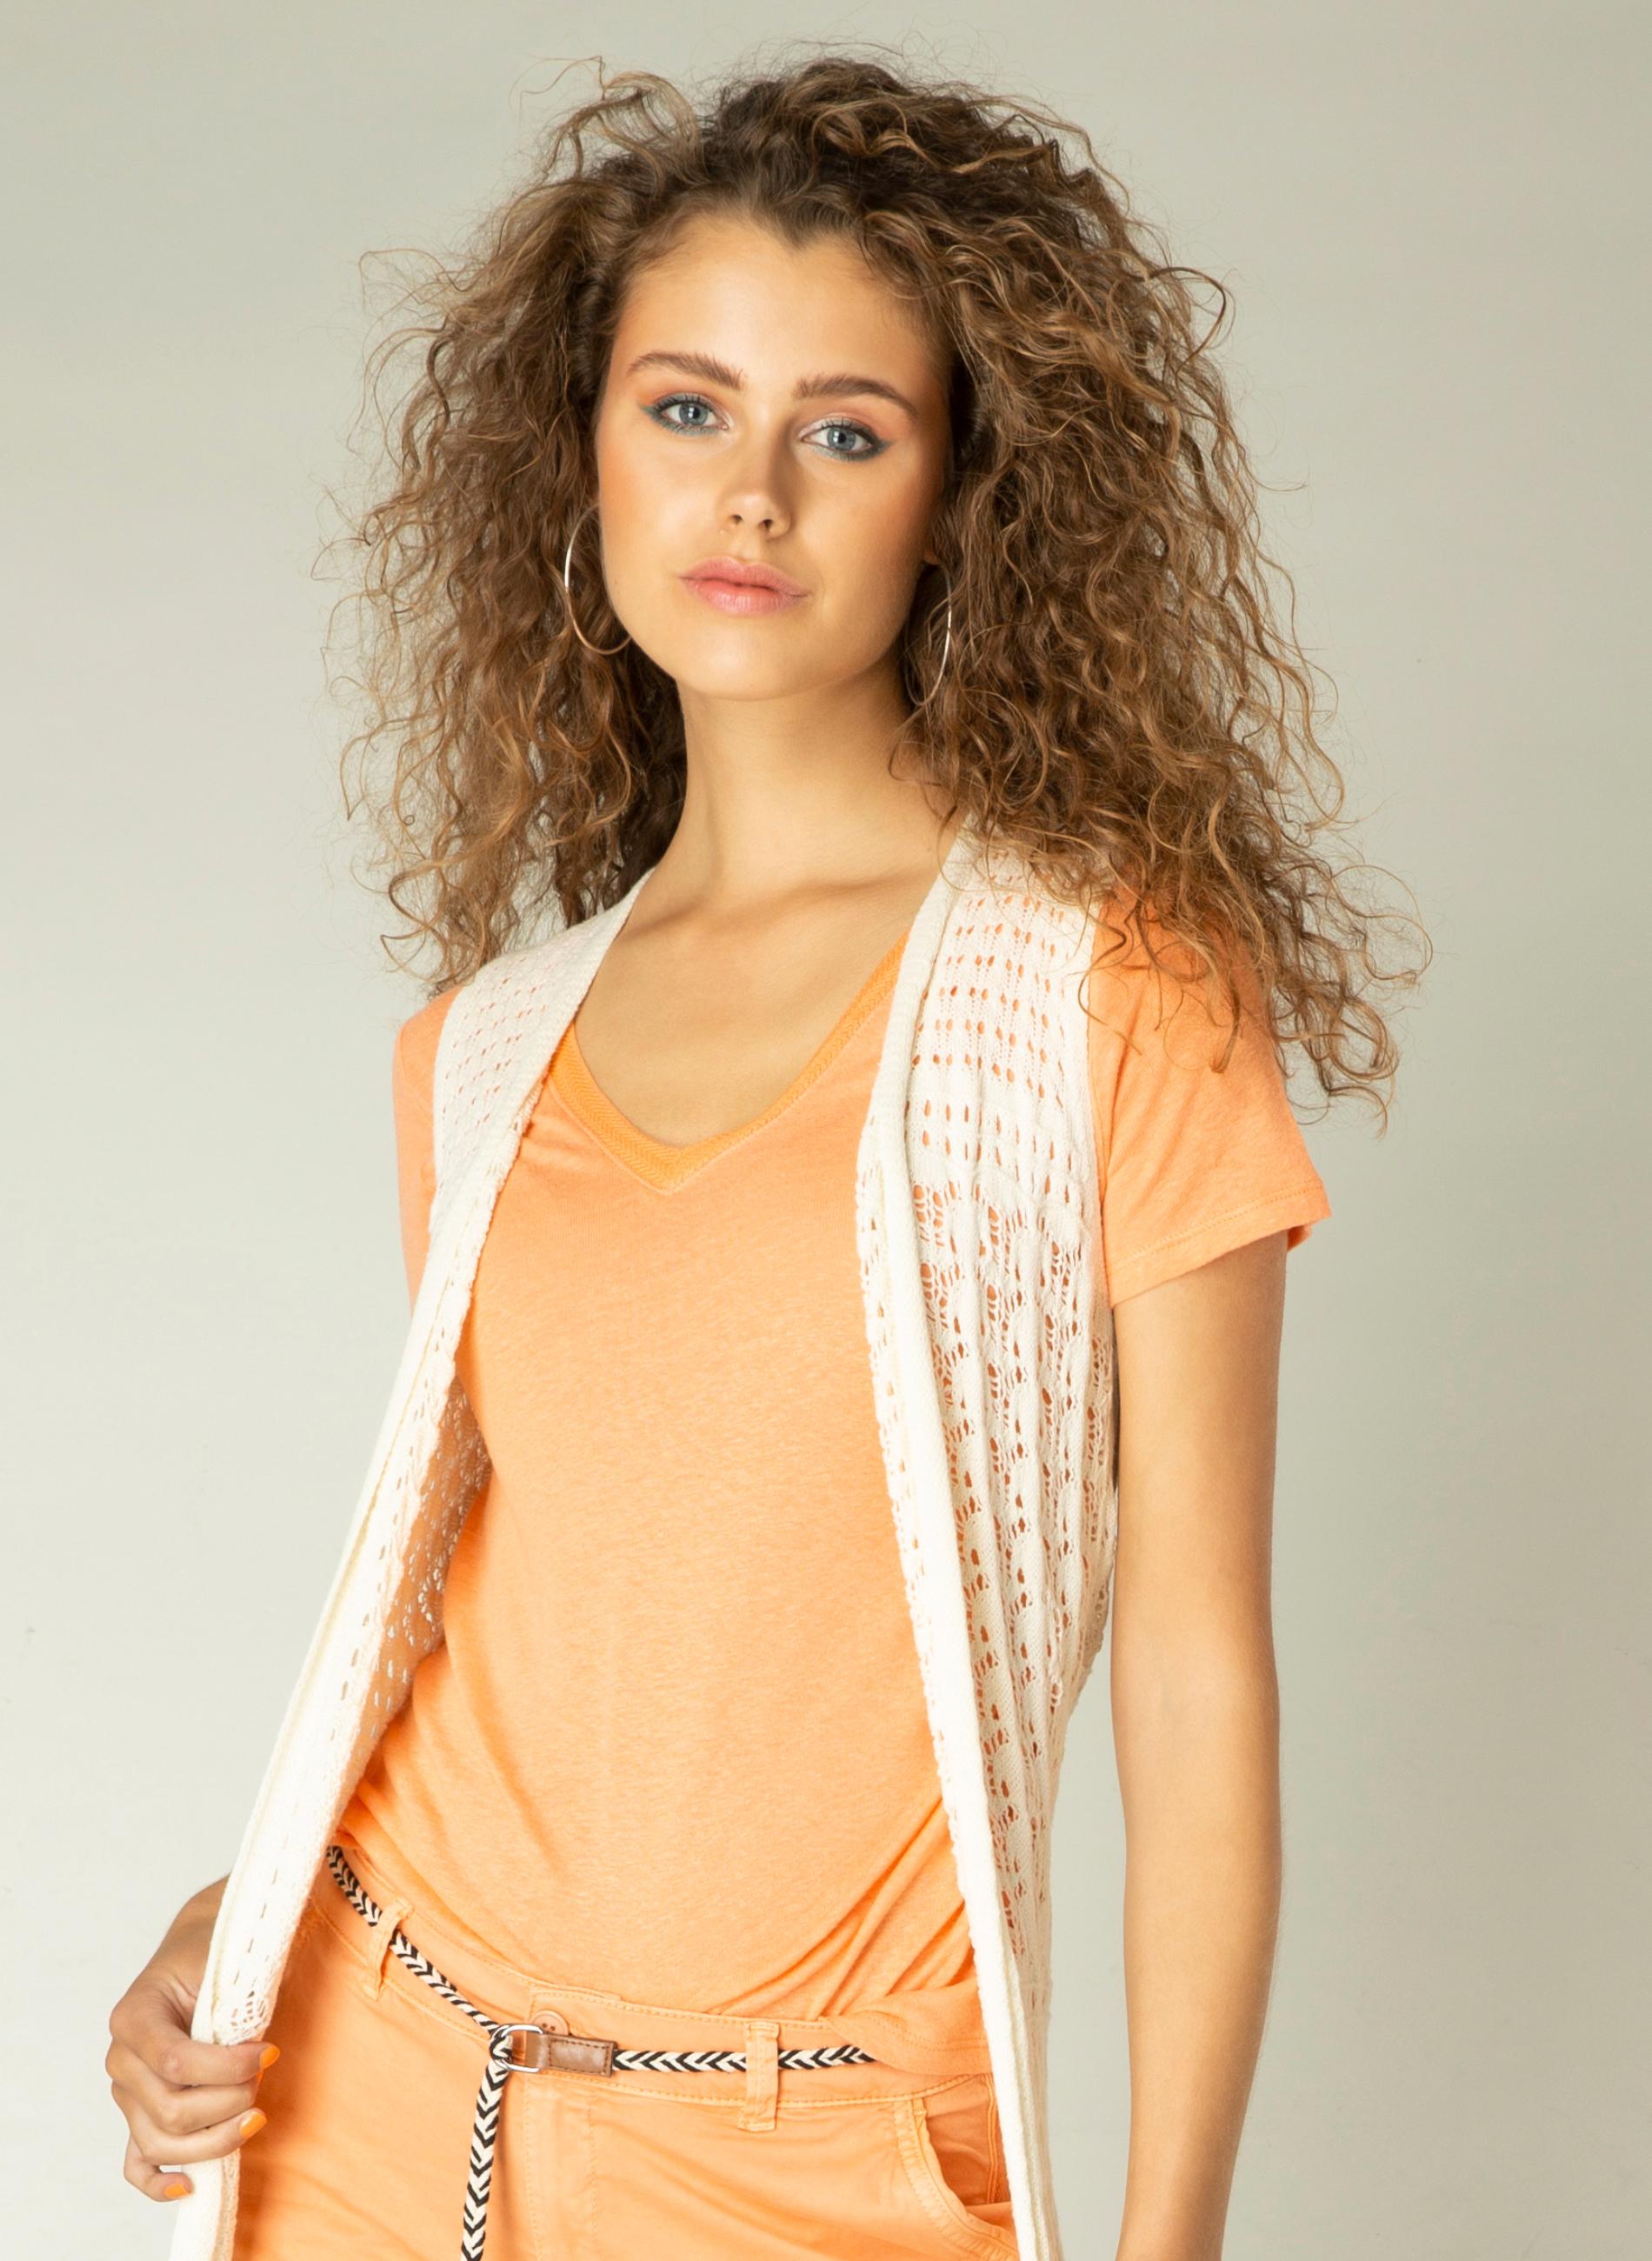 Yest shirt Kirra 64 cm